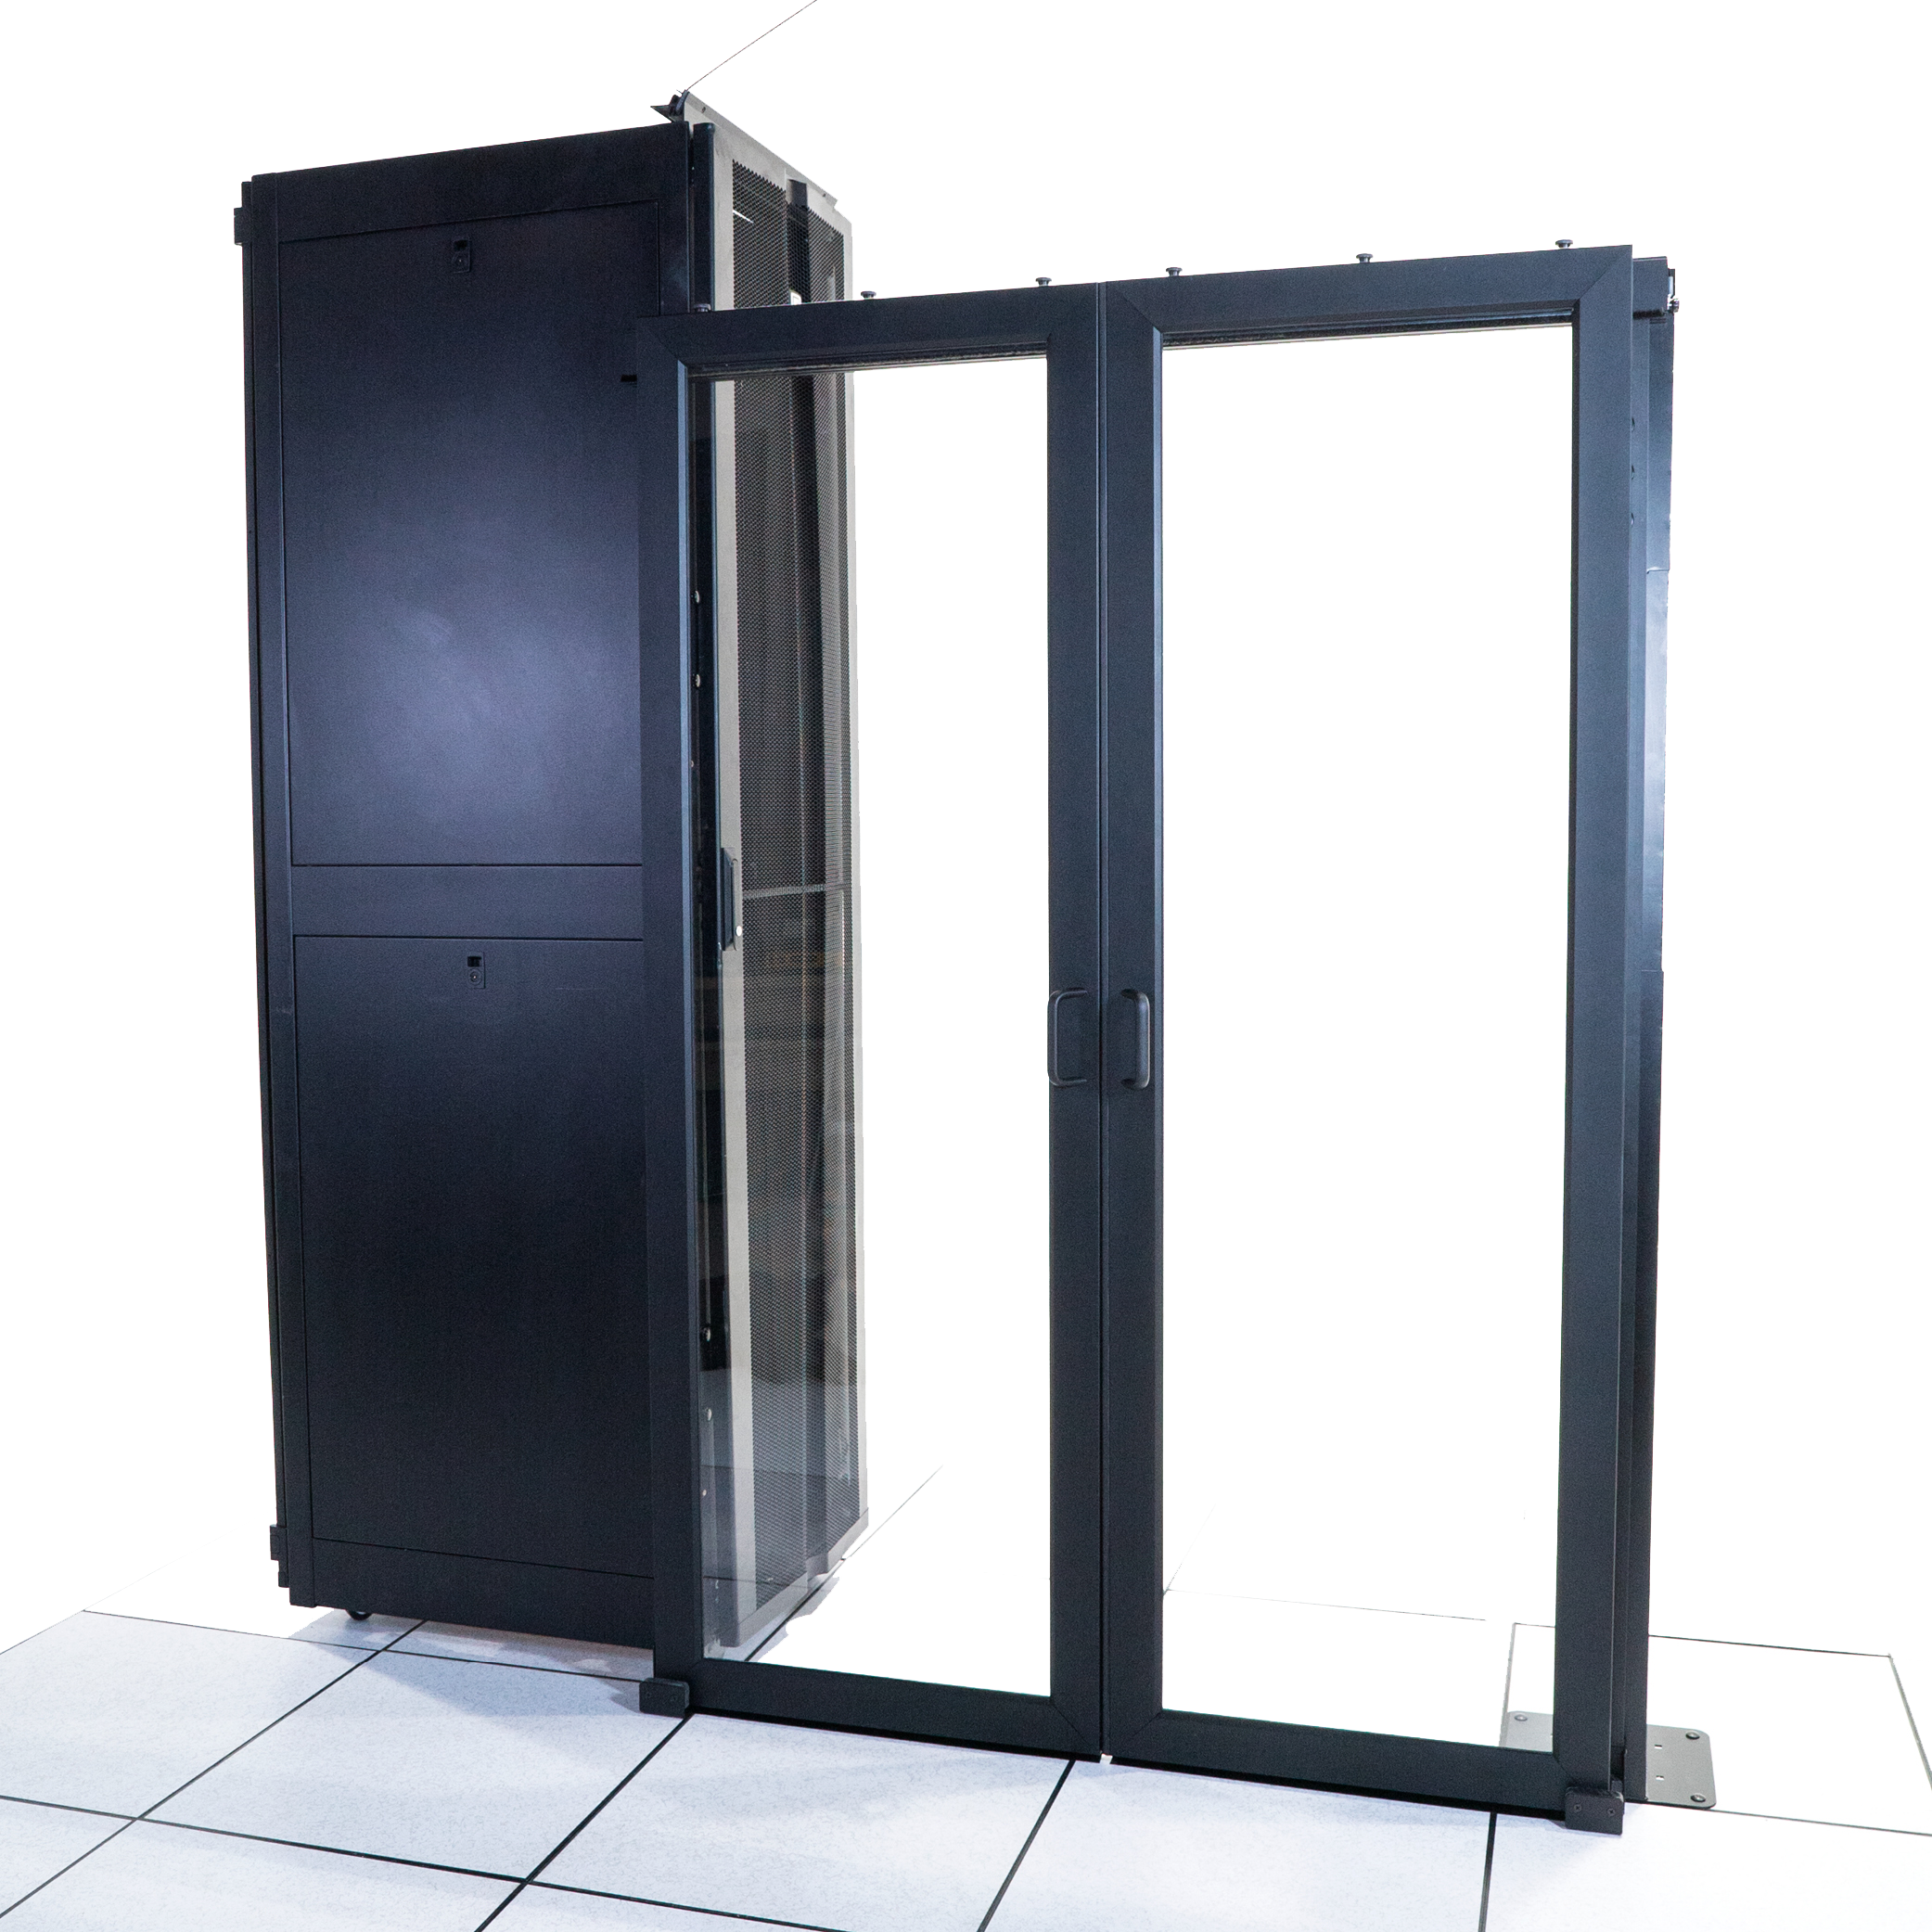 Upsite Containment Doors